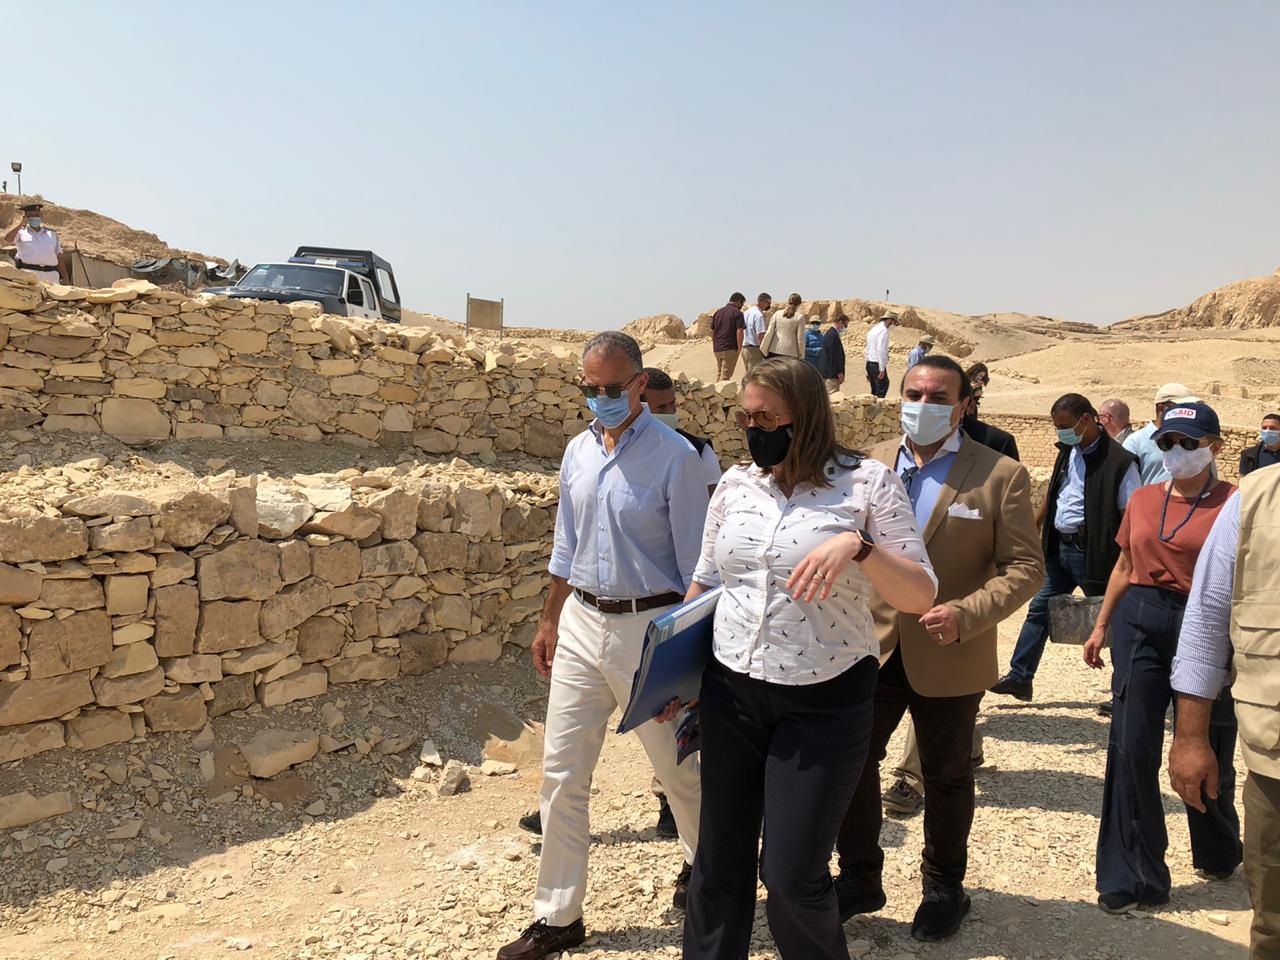 السفير الأمريكى بالقاهرة ونائب محافظ الأقصر يتفقدان مقابر ذراع أبو النجا  (2)